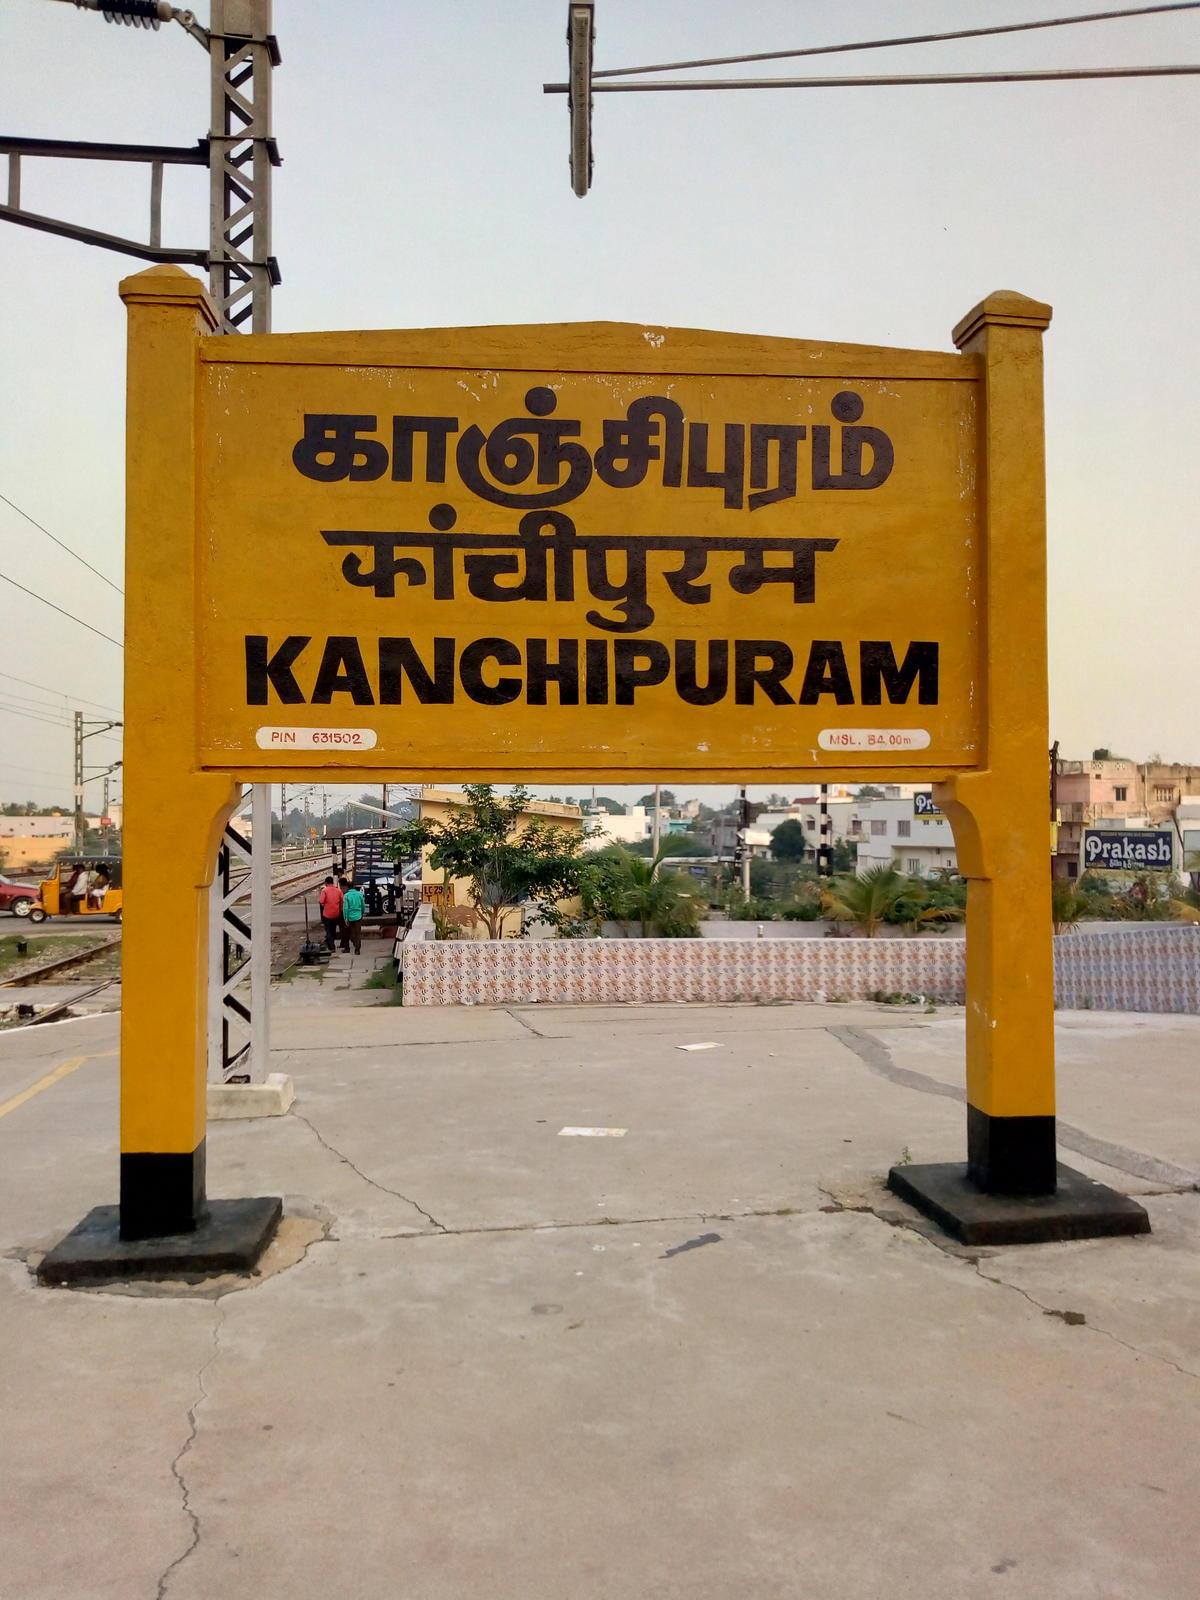 kanchipuram image credit indianrailinfo